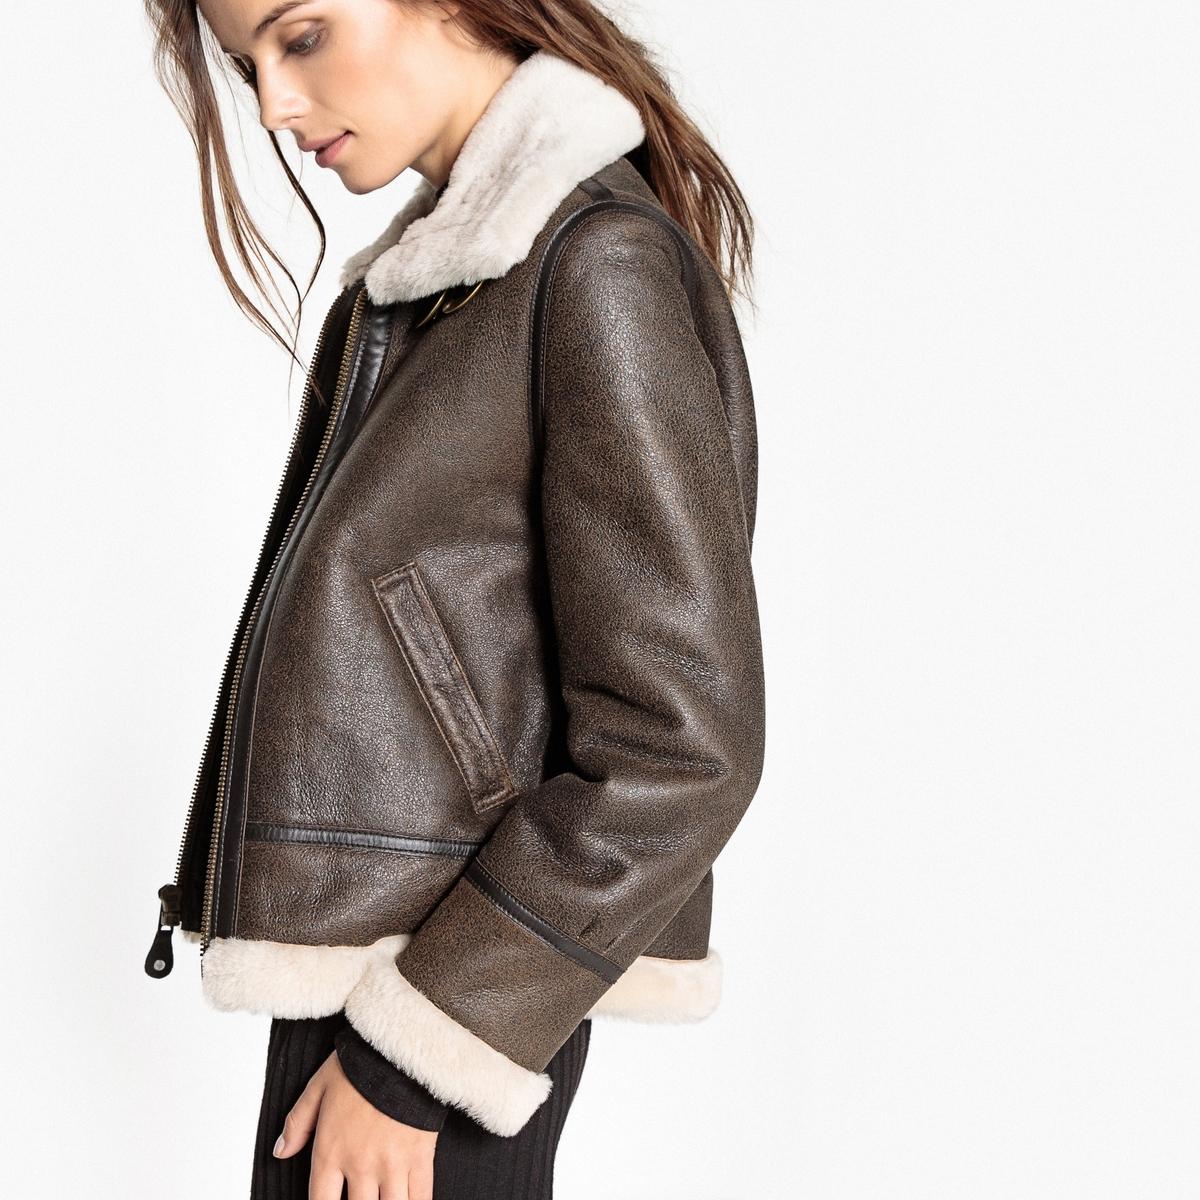 Куртка кожаная Bombardier LCW 1257Описание:Великолепный женский блузон из натуральной кожи LCW 1257 от SCHOTT. Этот блузон на молнии надежно защитит вас от холода этой зимой .Детали •  Длина : средняя •  Воротник-поло, рубашечный •  Застежка на молниюСостав и уход •  100% кожа •  Следуйте советам по уходу, указанным на этикетке<br><br>Цвет: каштановый<br>Размер: M